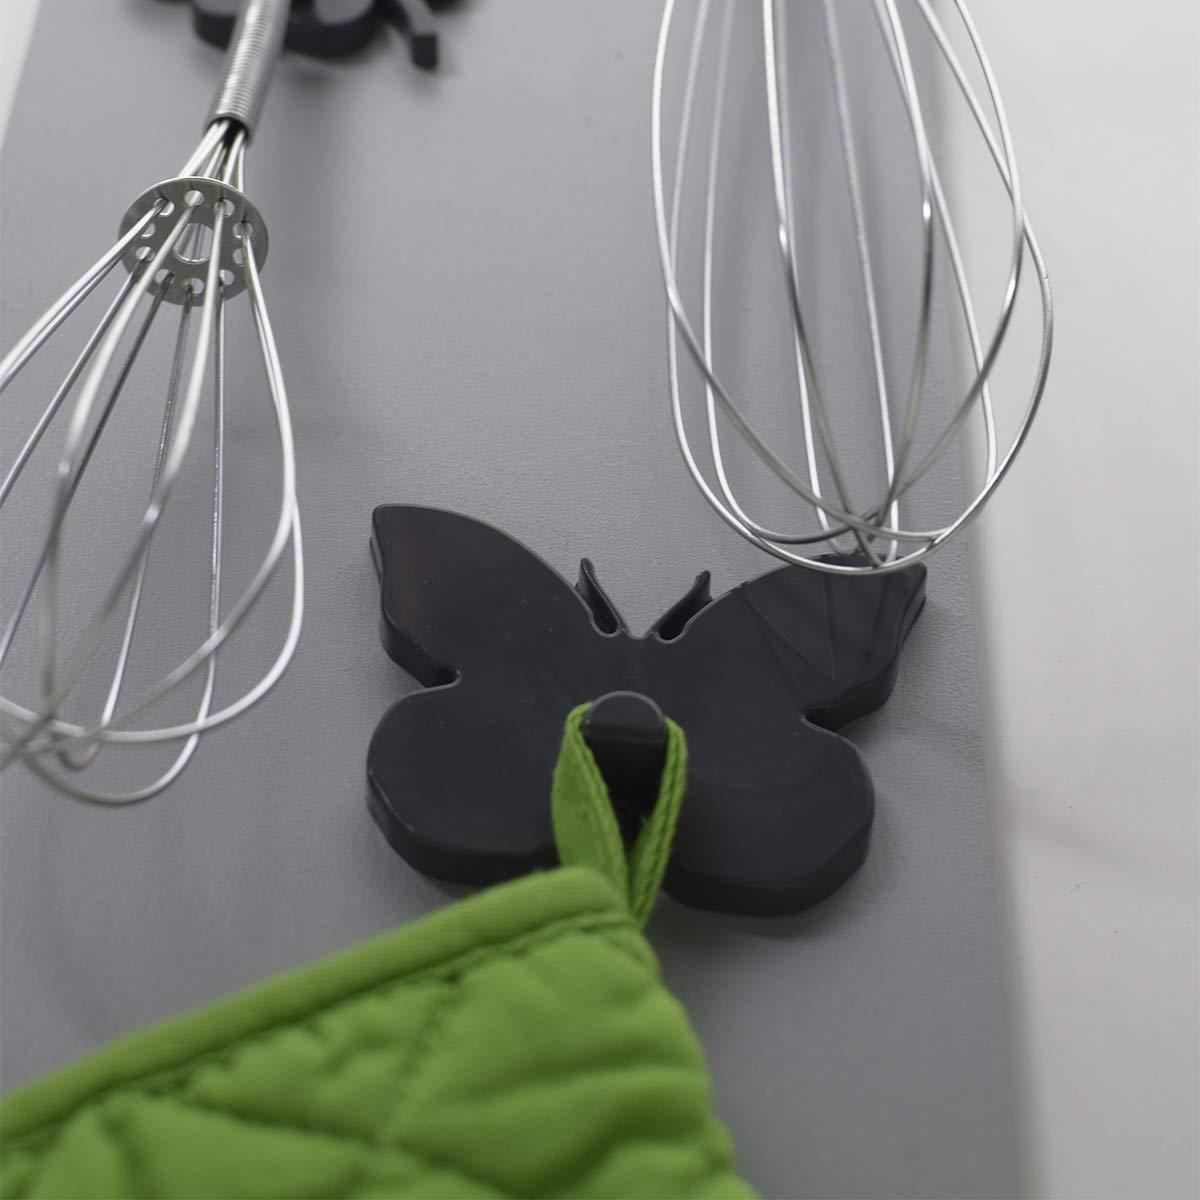 Rot ABS-Harz KalaMitica Schmetterling-Design Magnetische Aufh/änger 7 x 5,1 cm